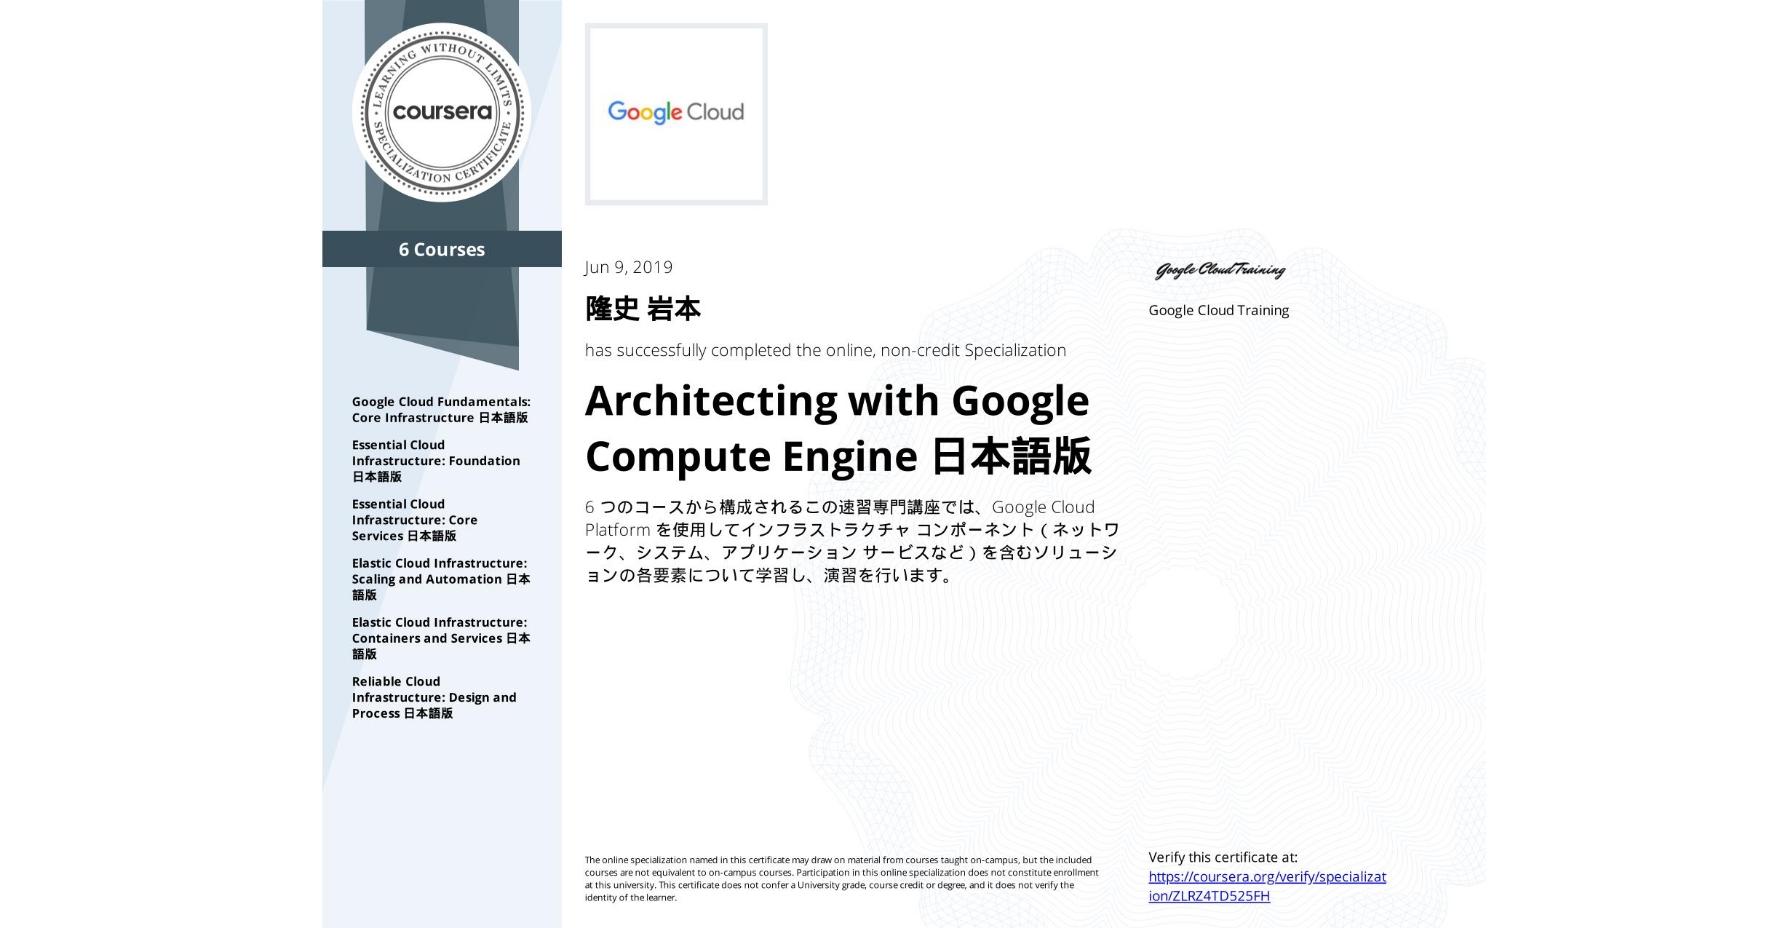 View certificate for 隆史 岩本, Architecting with Google Compute Engine 日本語版, offered through Coursera. 6 つのコースから構成されるこの速習専門講座では、Google Cloud Platform を使用してインフラストラクチャ コンポーネント(ネットワーク、システム、アプリケーション サービスなど)を含むソリューションの各要素について学習し、演習を行います。